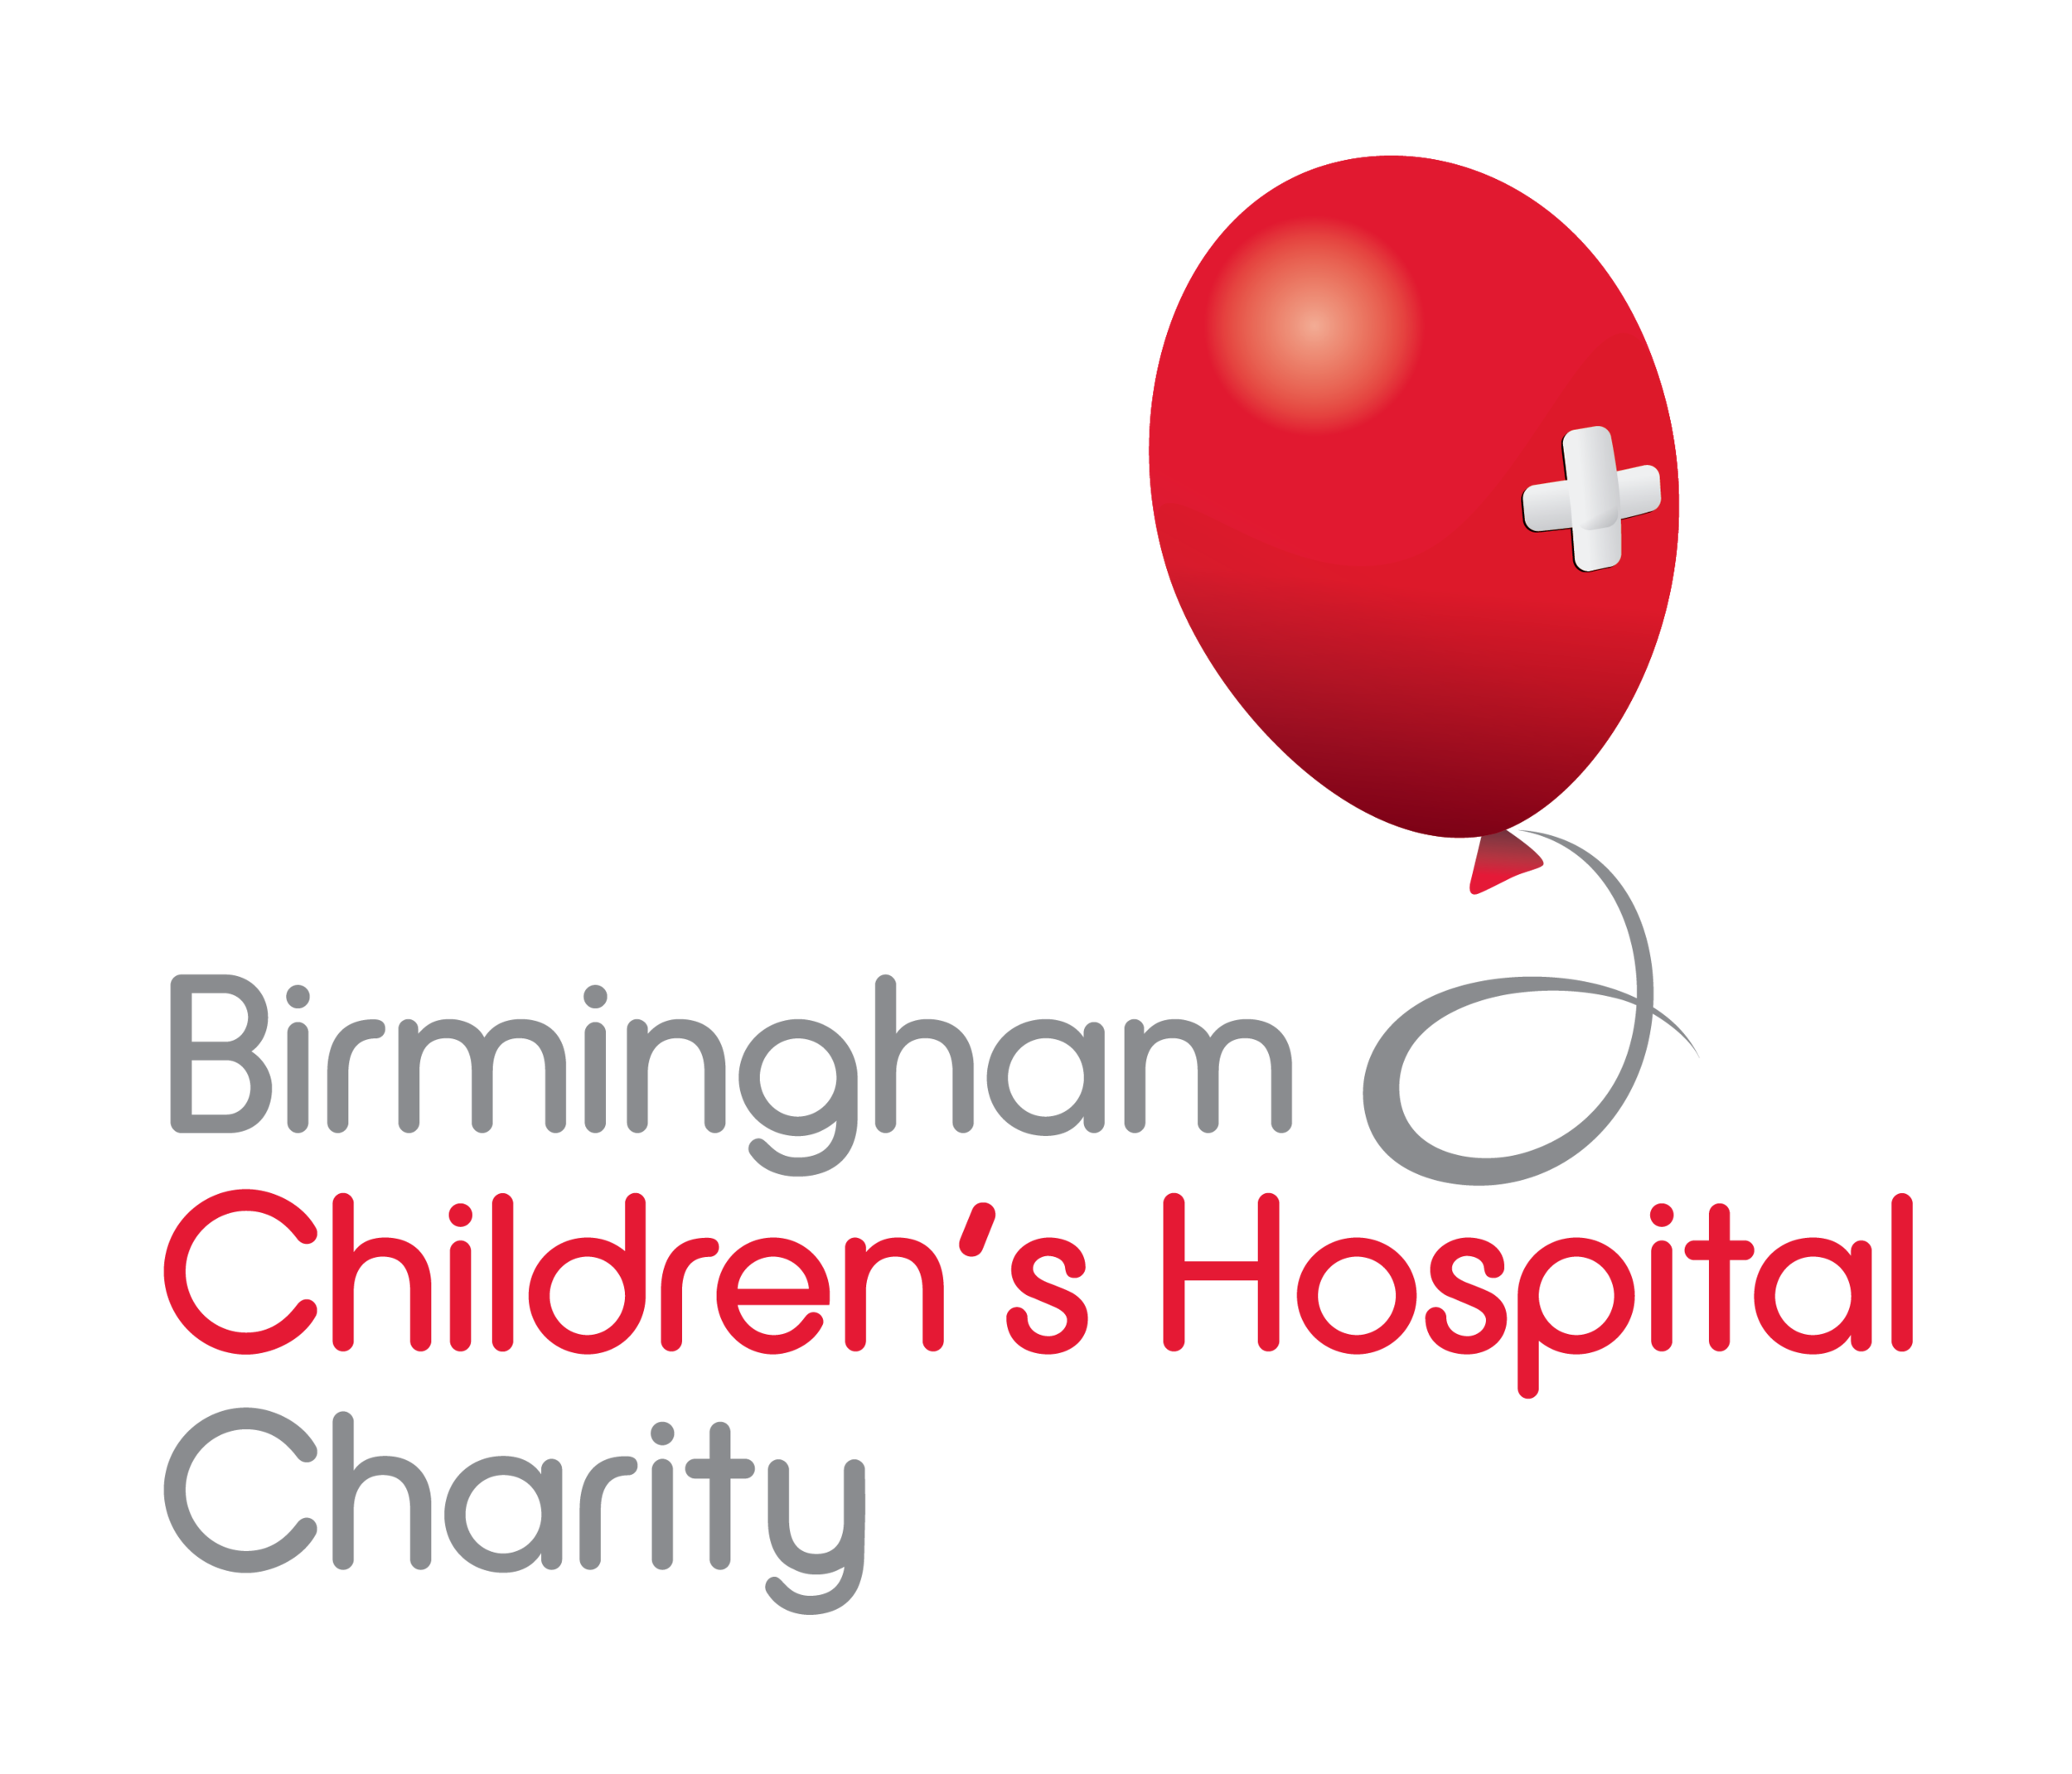 BirminghamChildrensCharity.png